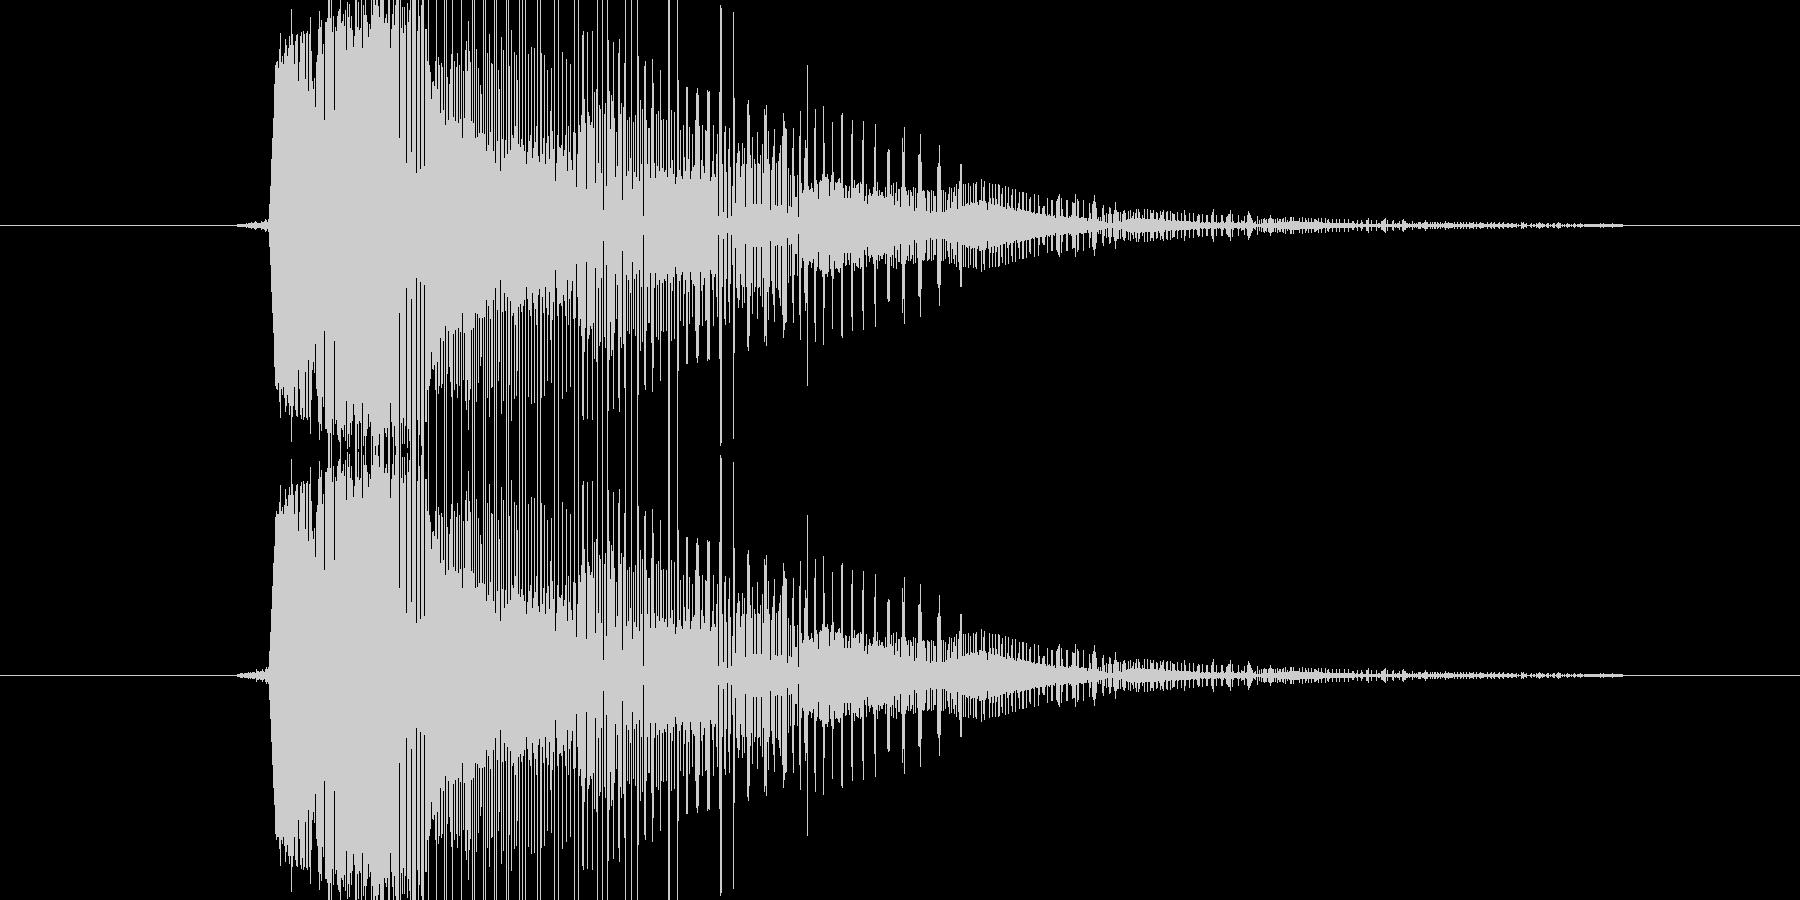 レーザー銃などによる衝撃音の未再生の波形